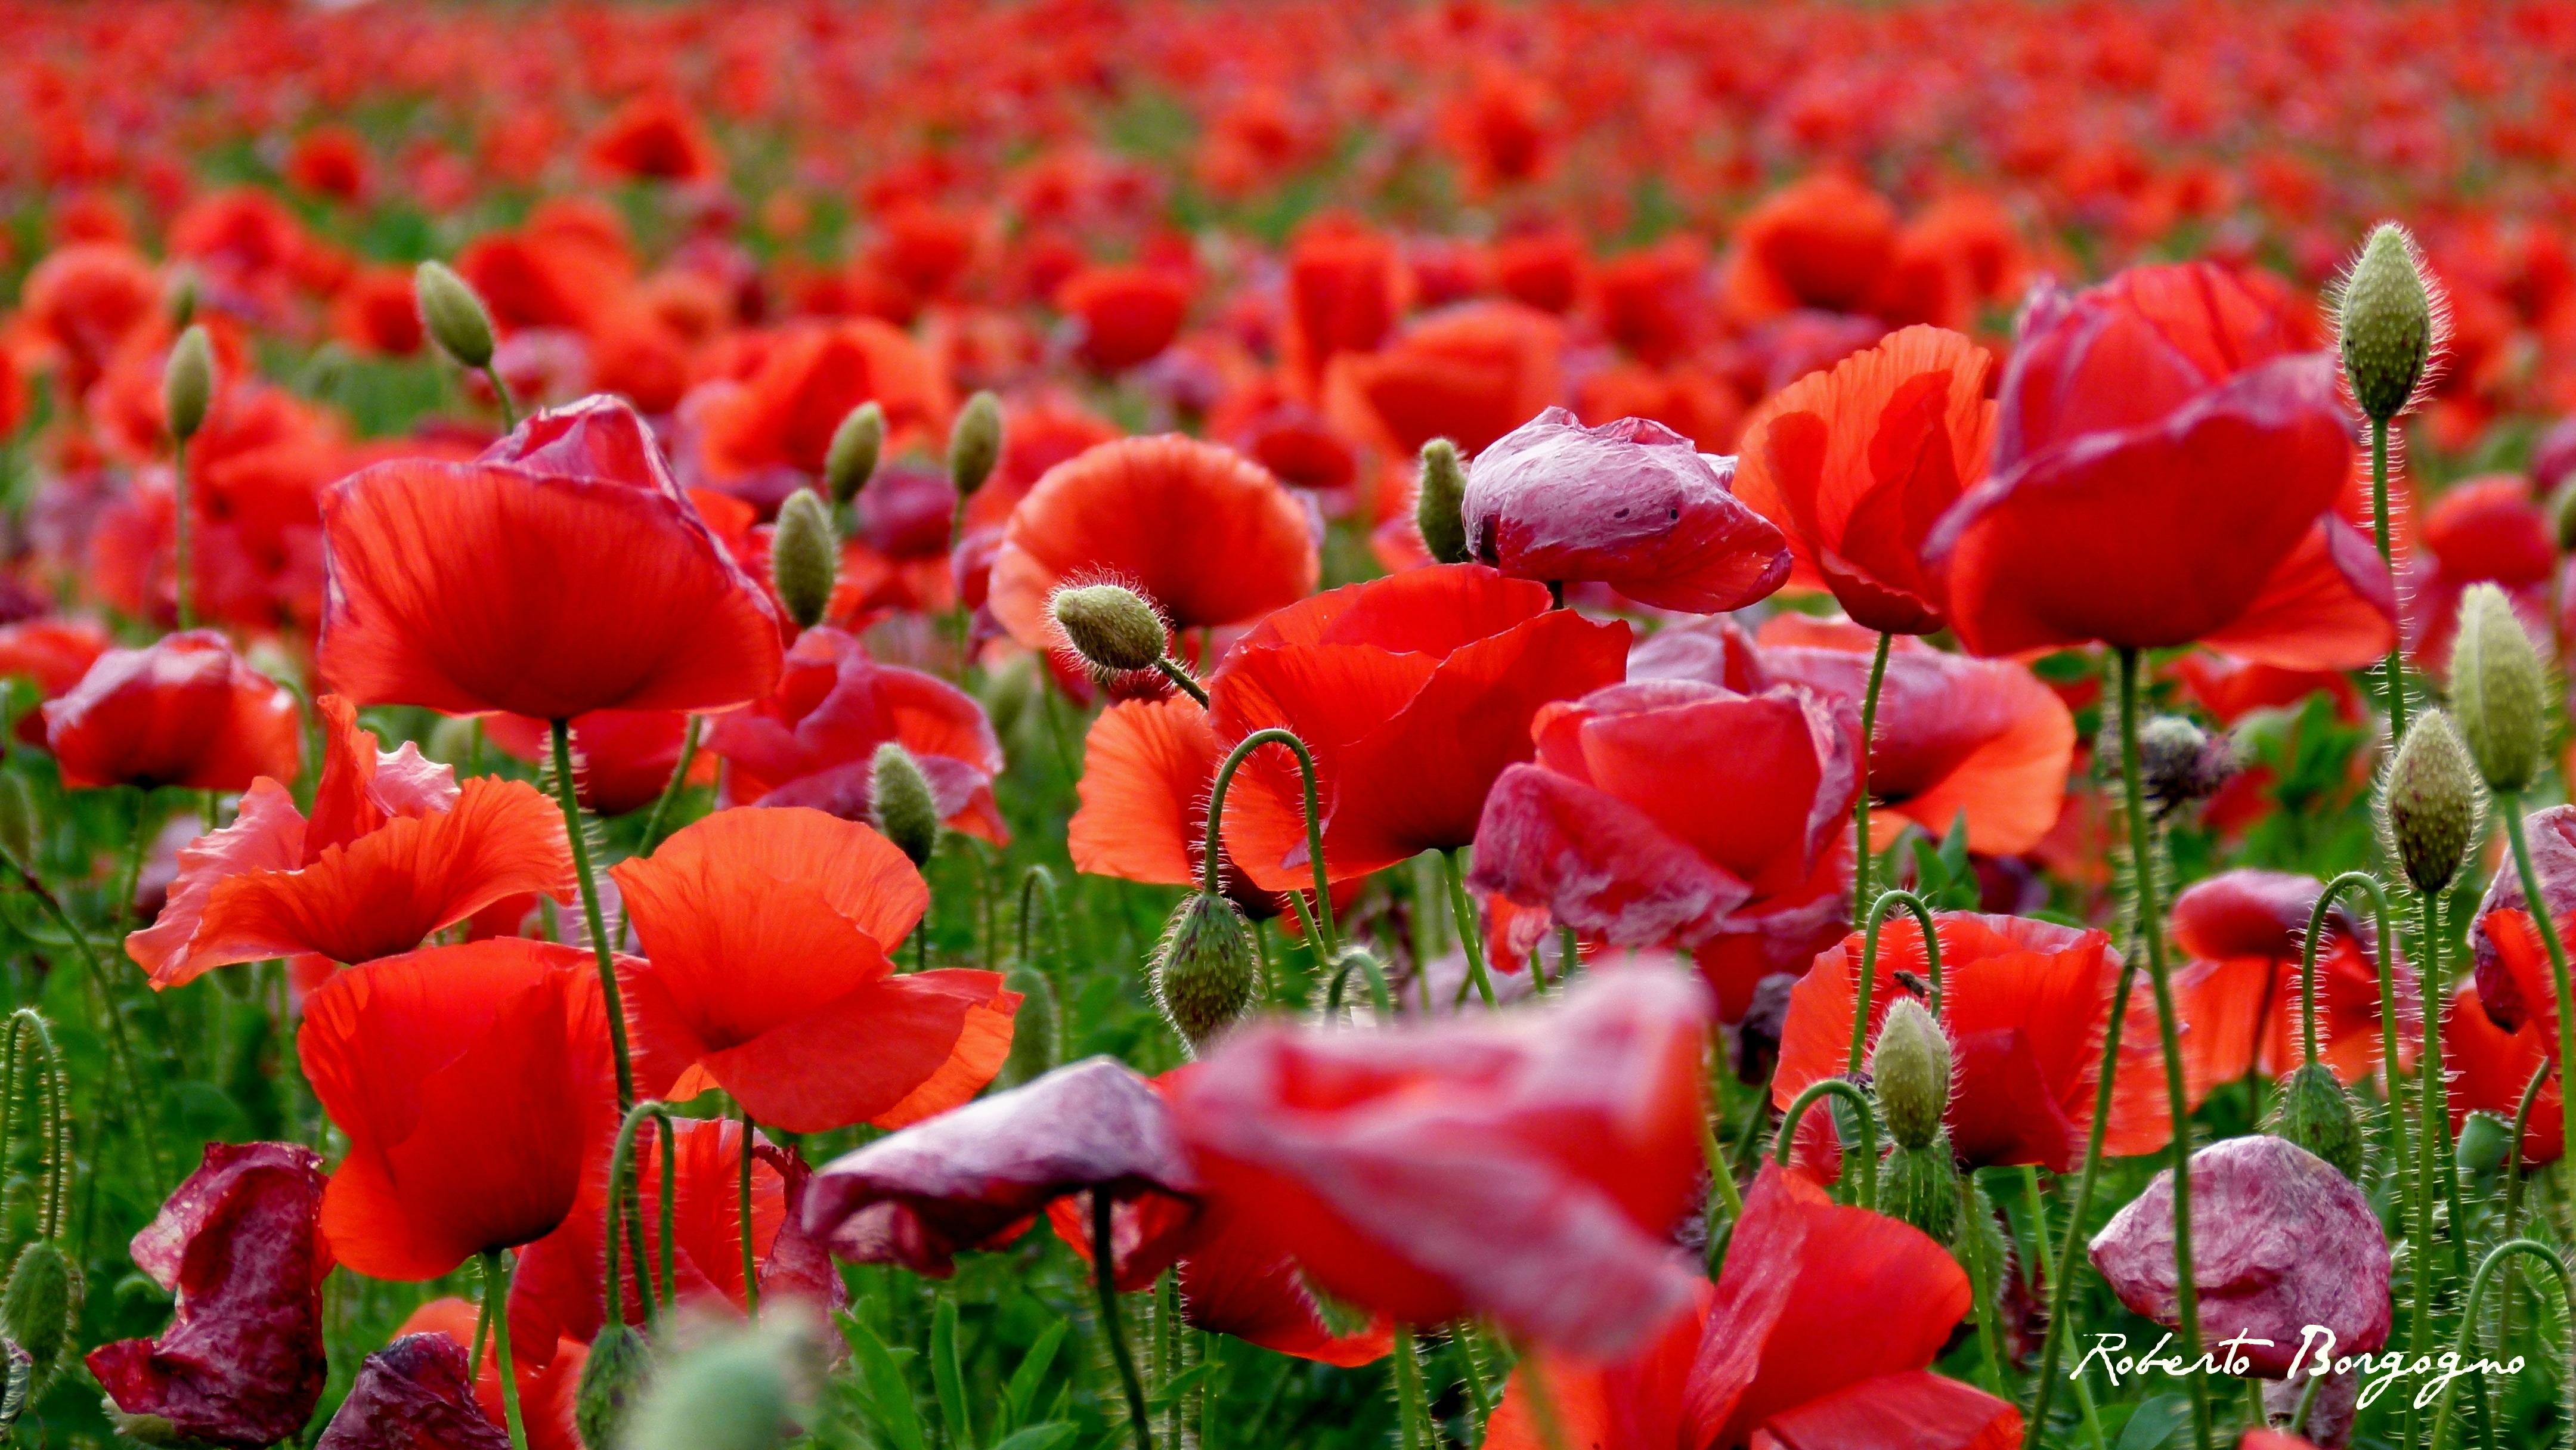 Fiori Wallpaper.Wallpaper Primavera Poppies Fiori Giugno Rosso Papaveri